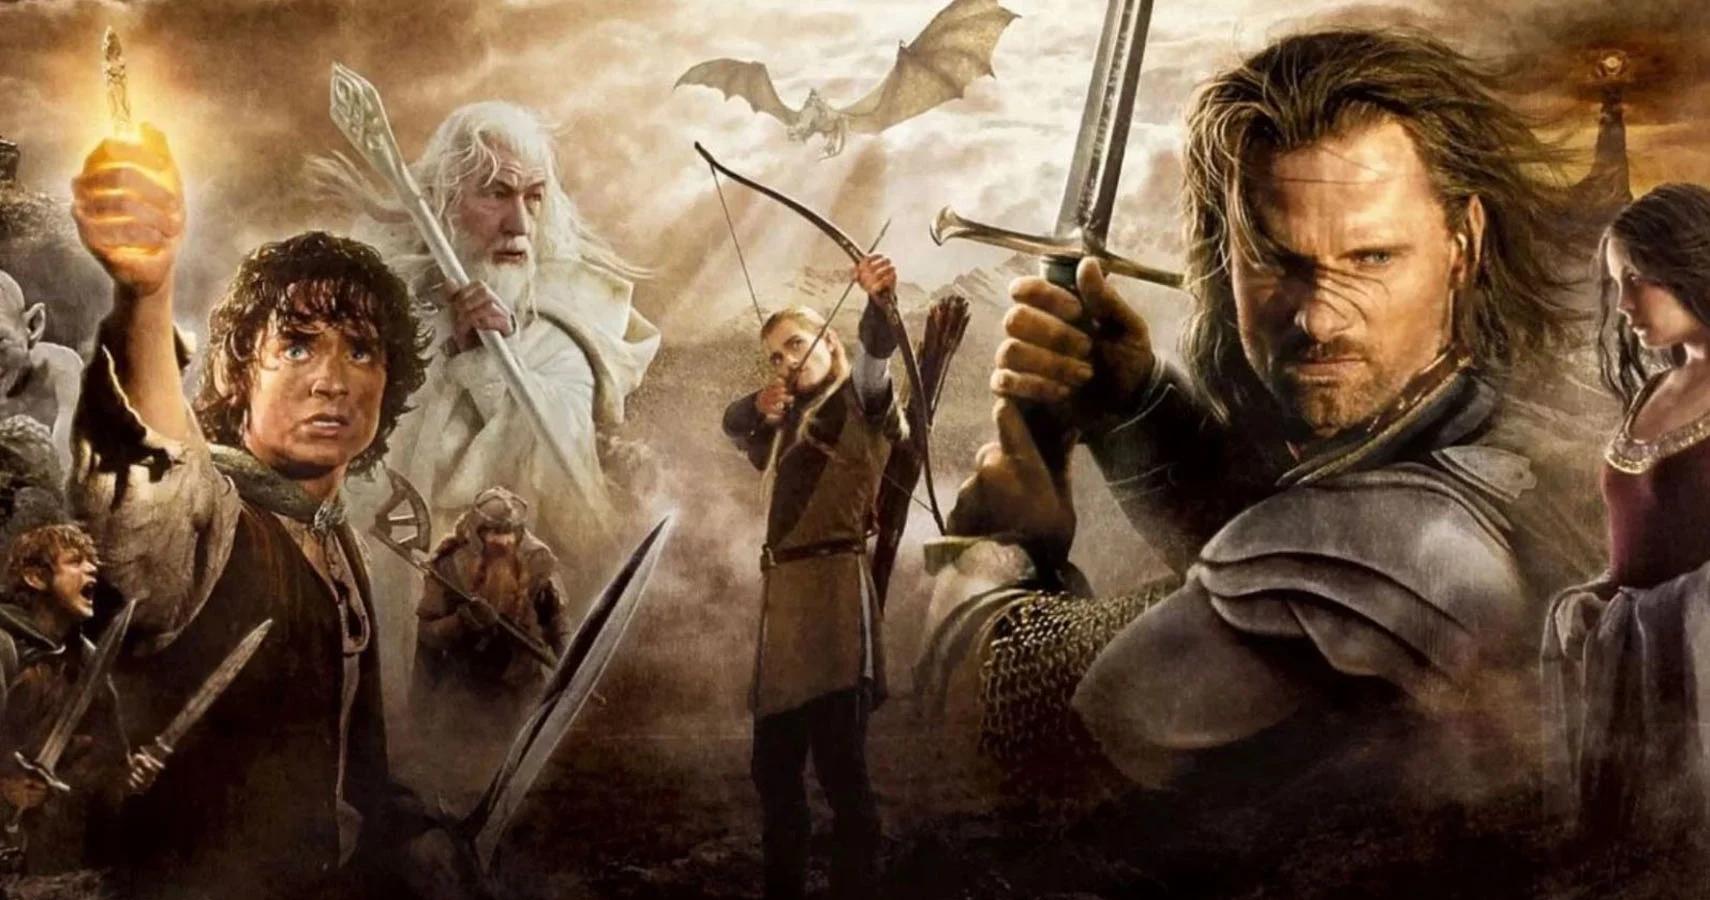 La serie Lord of the Rings reanuda rodaje en Nueva Zelanda luego de una pausa de varios meses